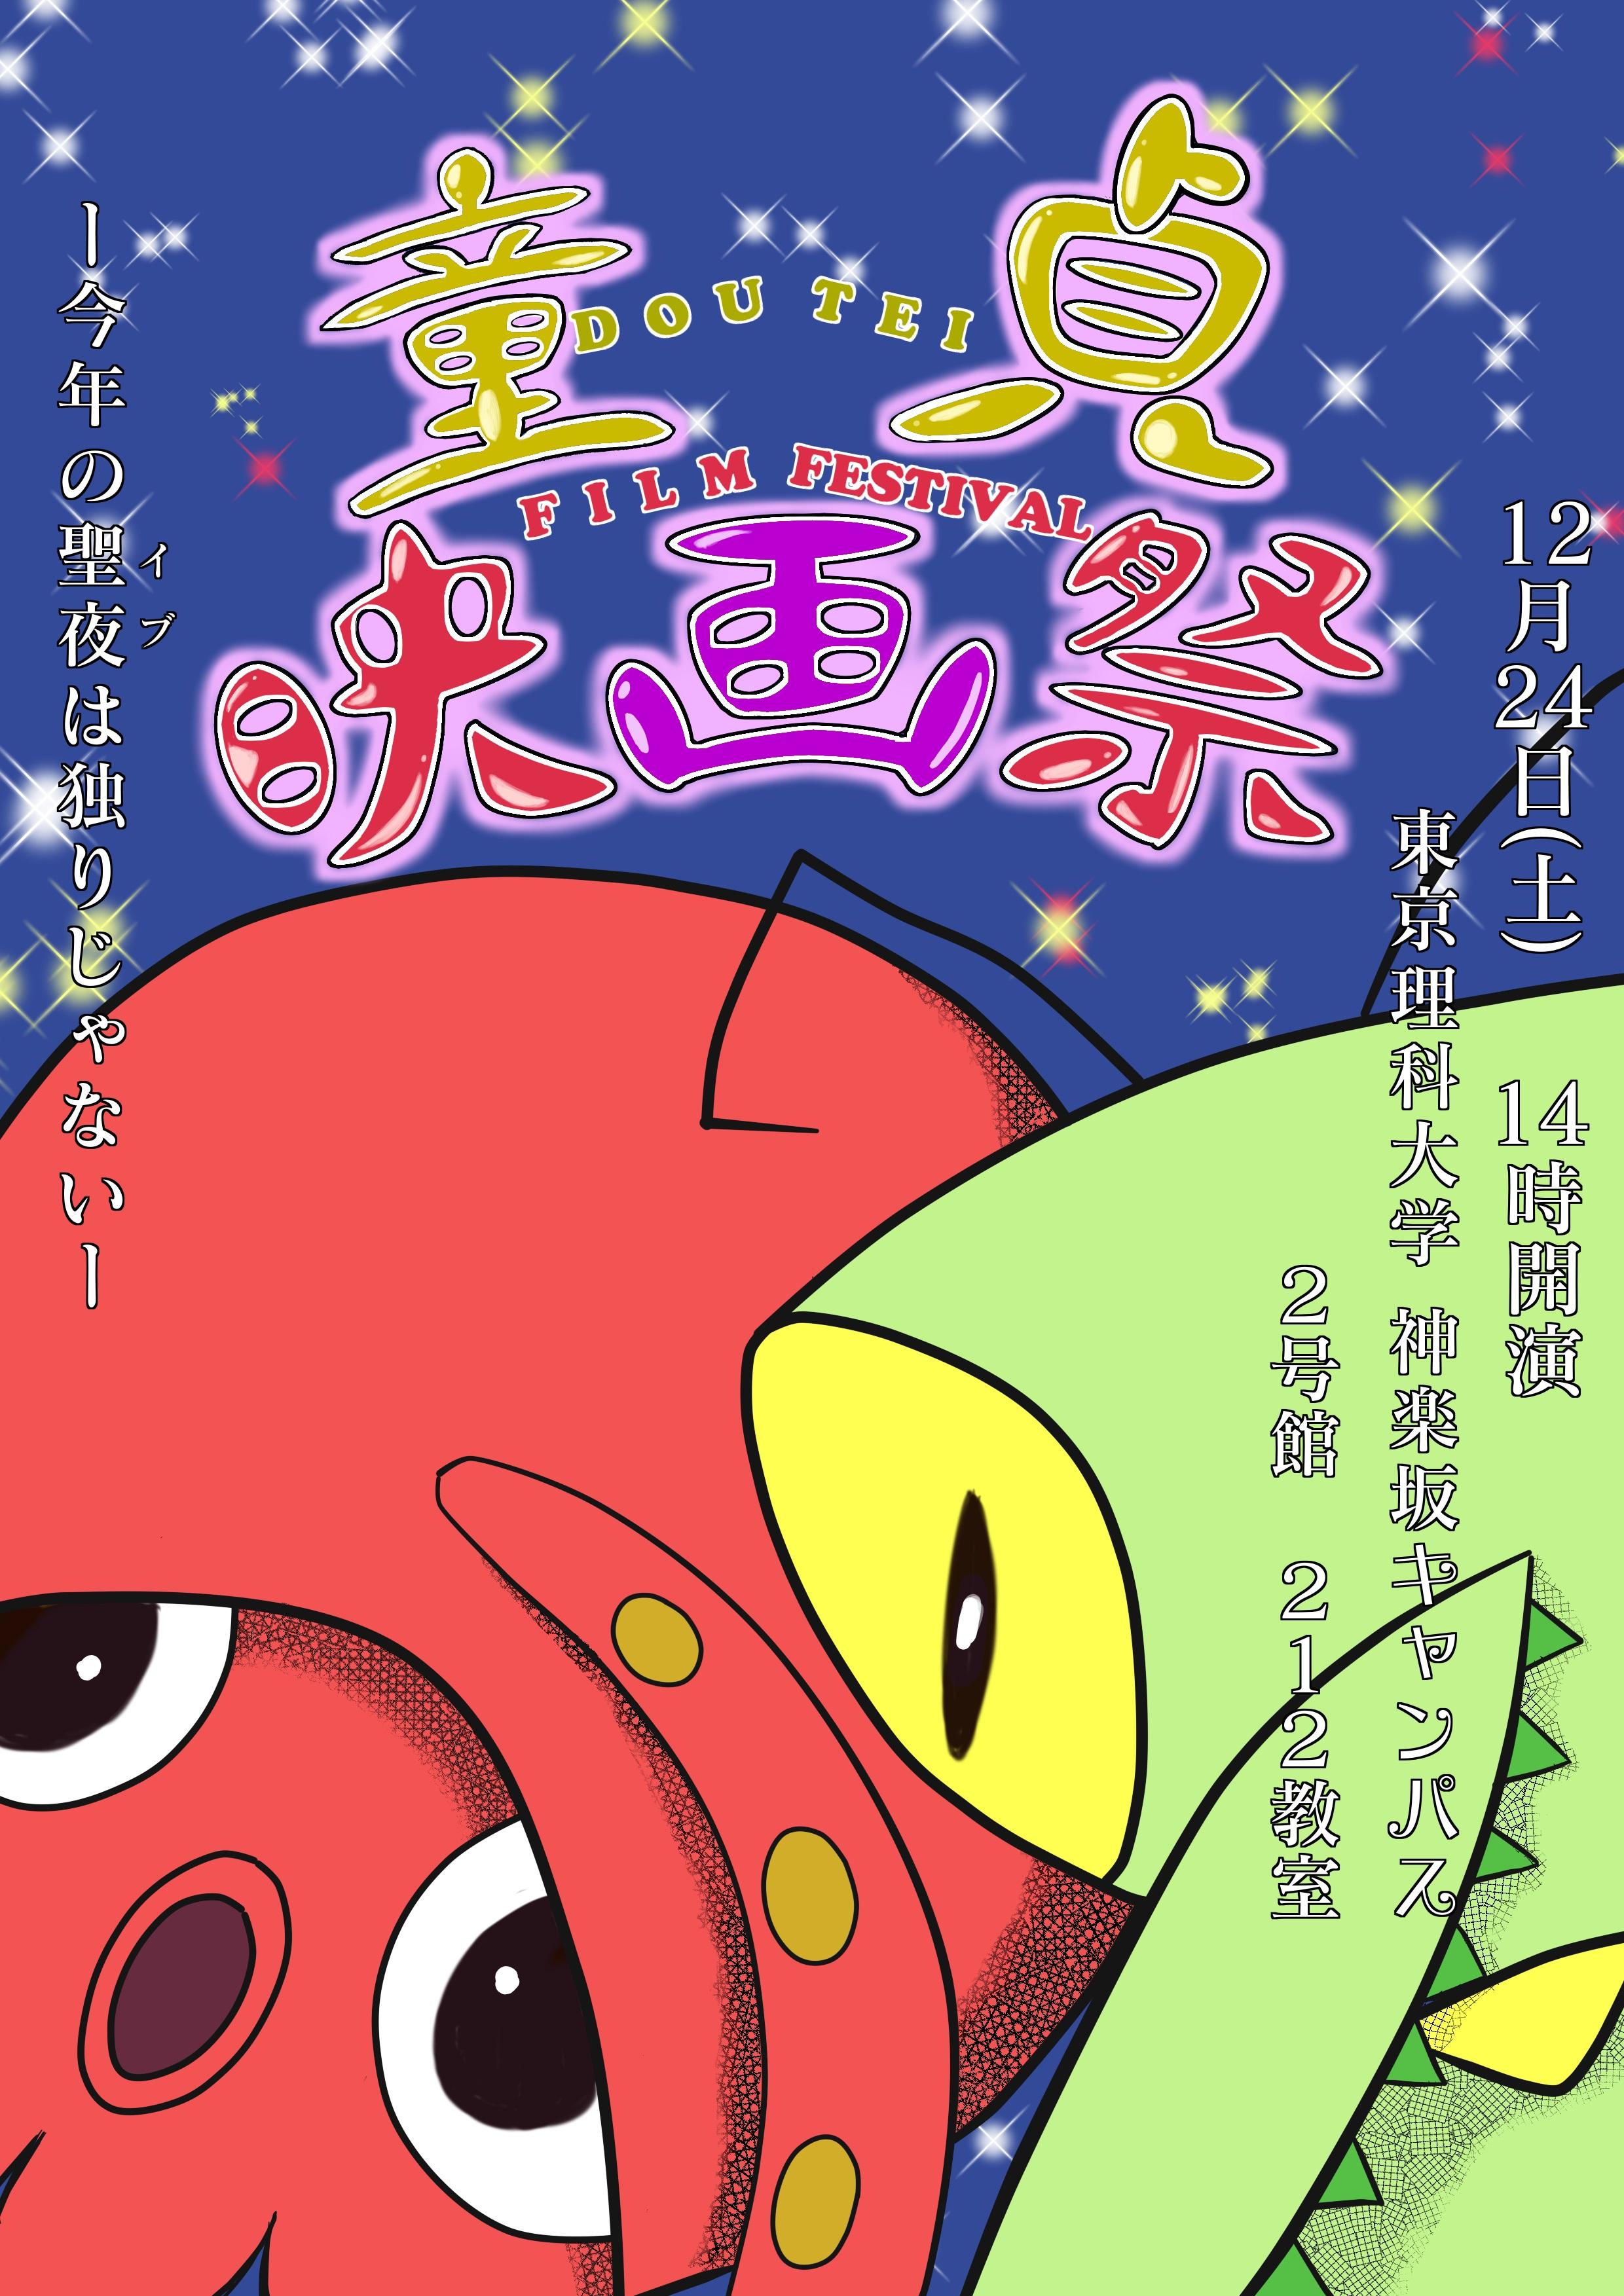 童貞映画祭2016